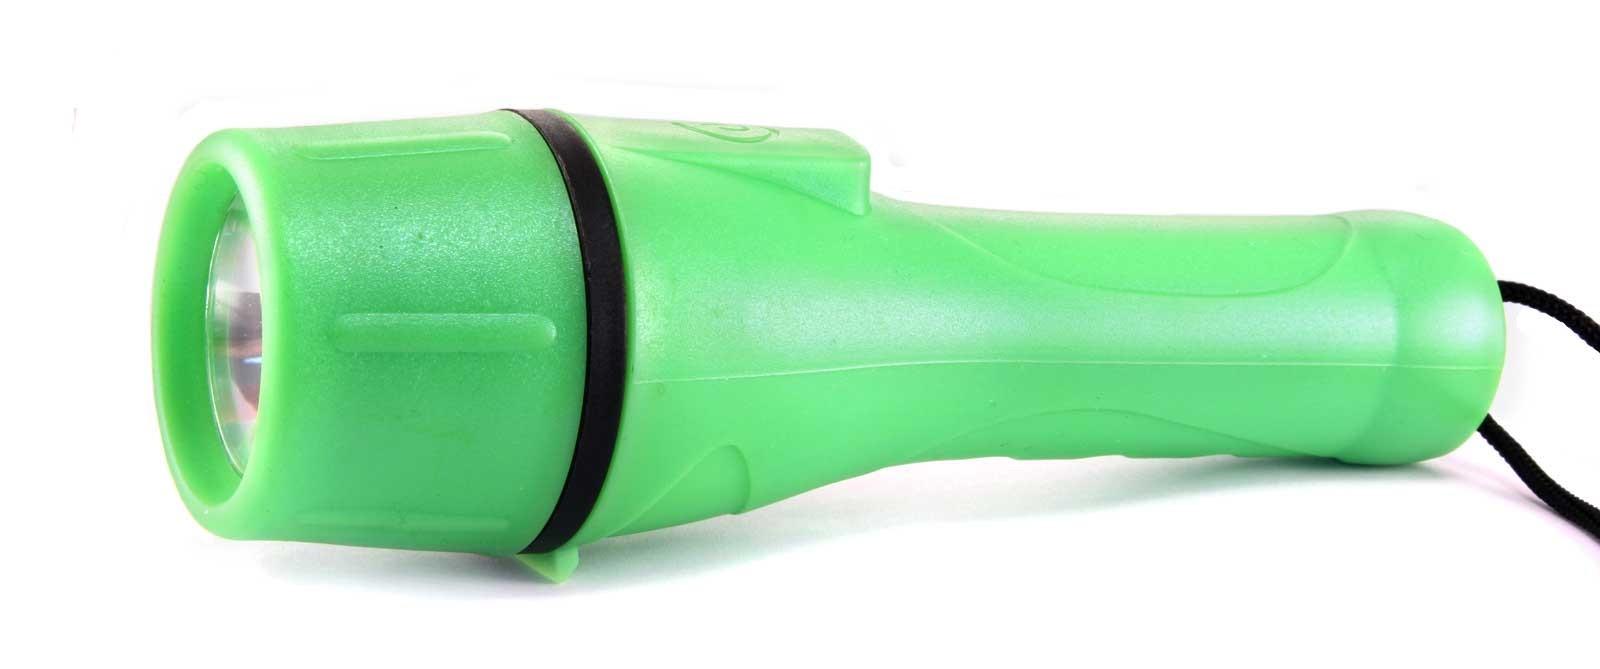 Cветодиодный фонарик Яркий луч Е1-206